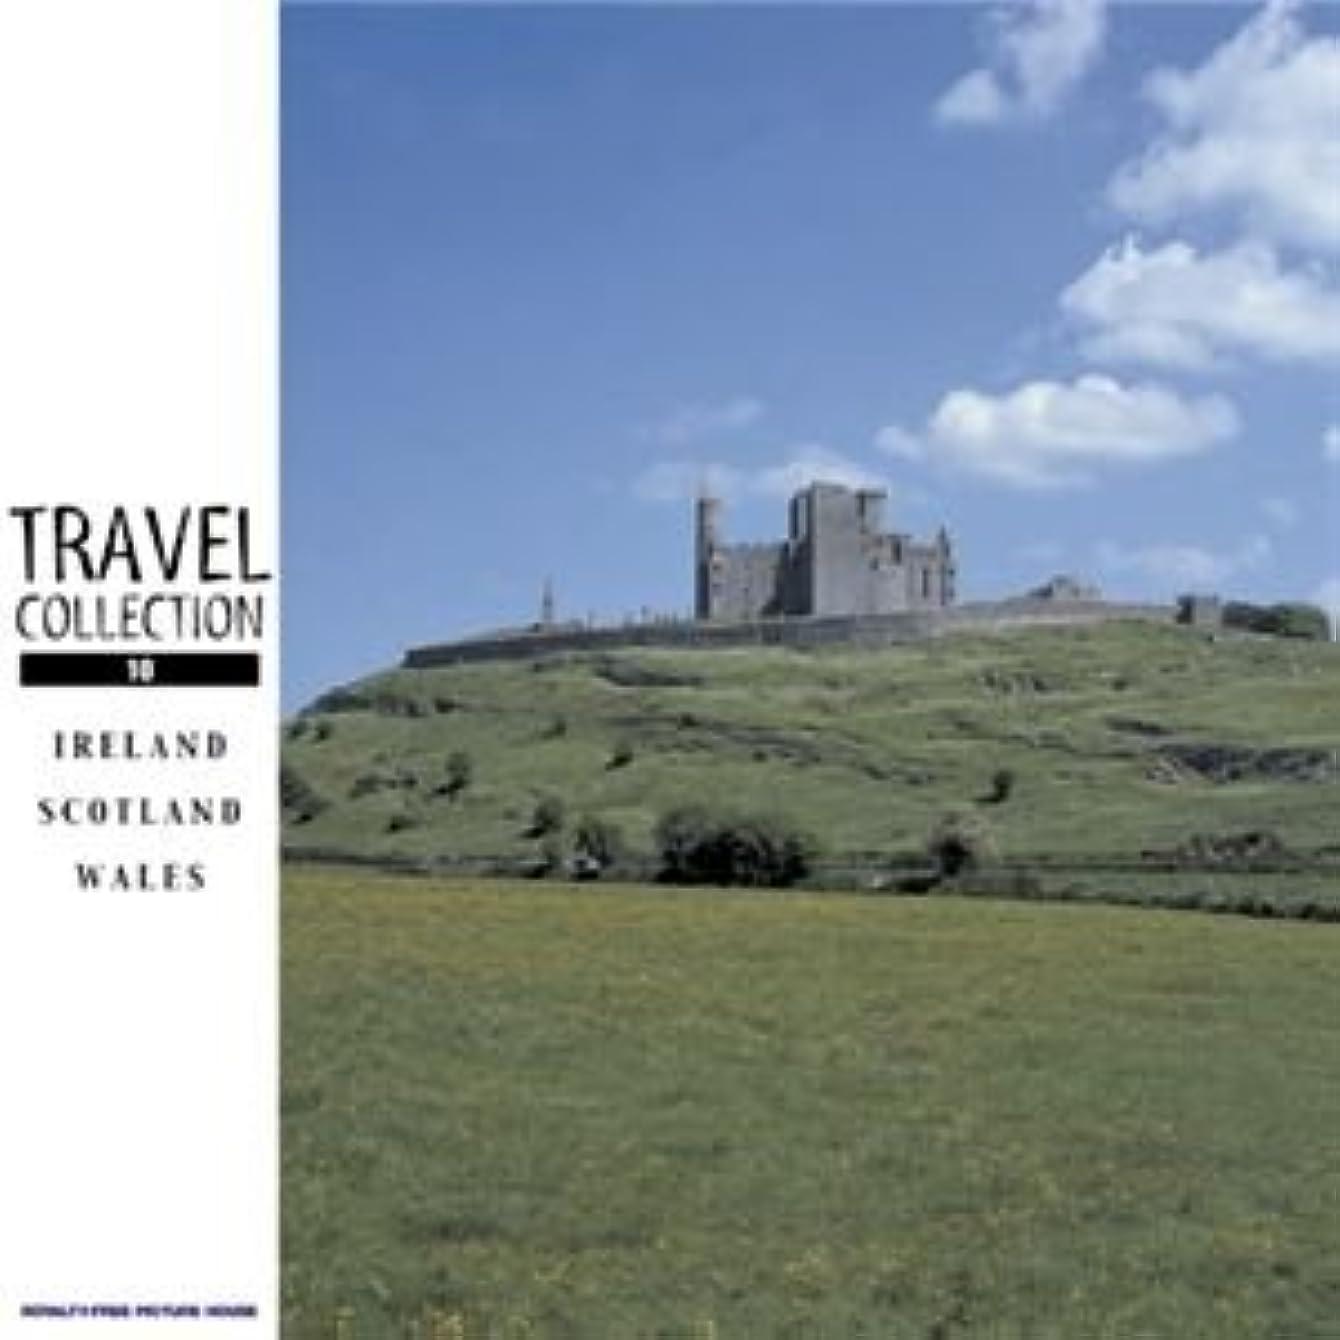 背景助けになる集団写真素材 Travel Collection Vol.010 アイルランド ds-67852